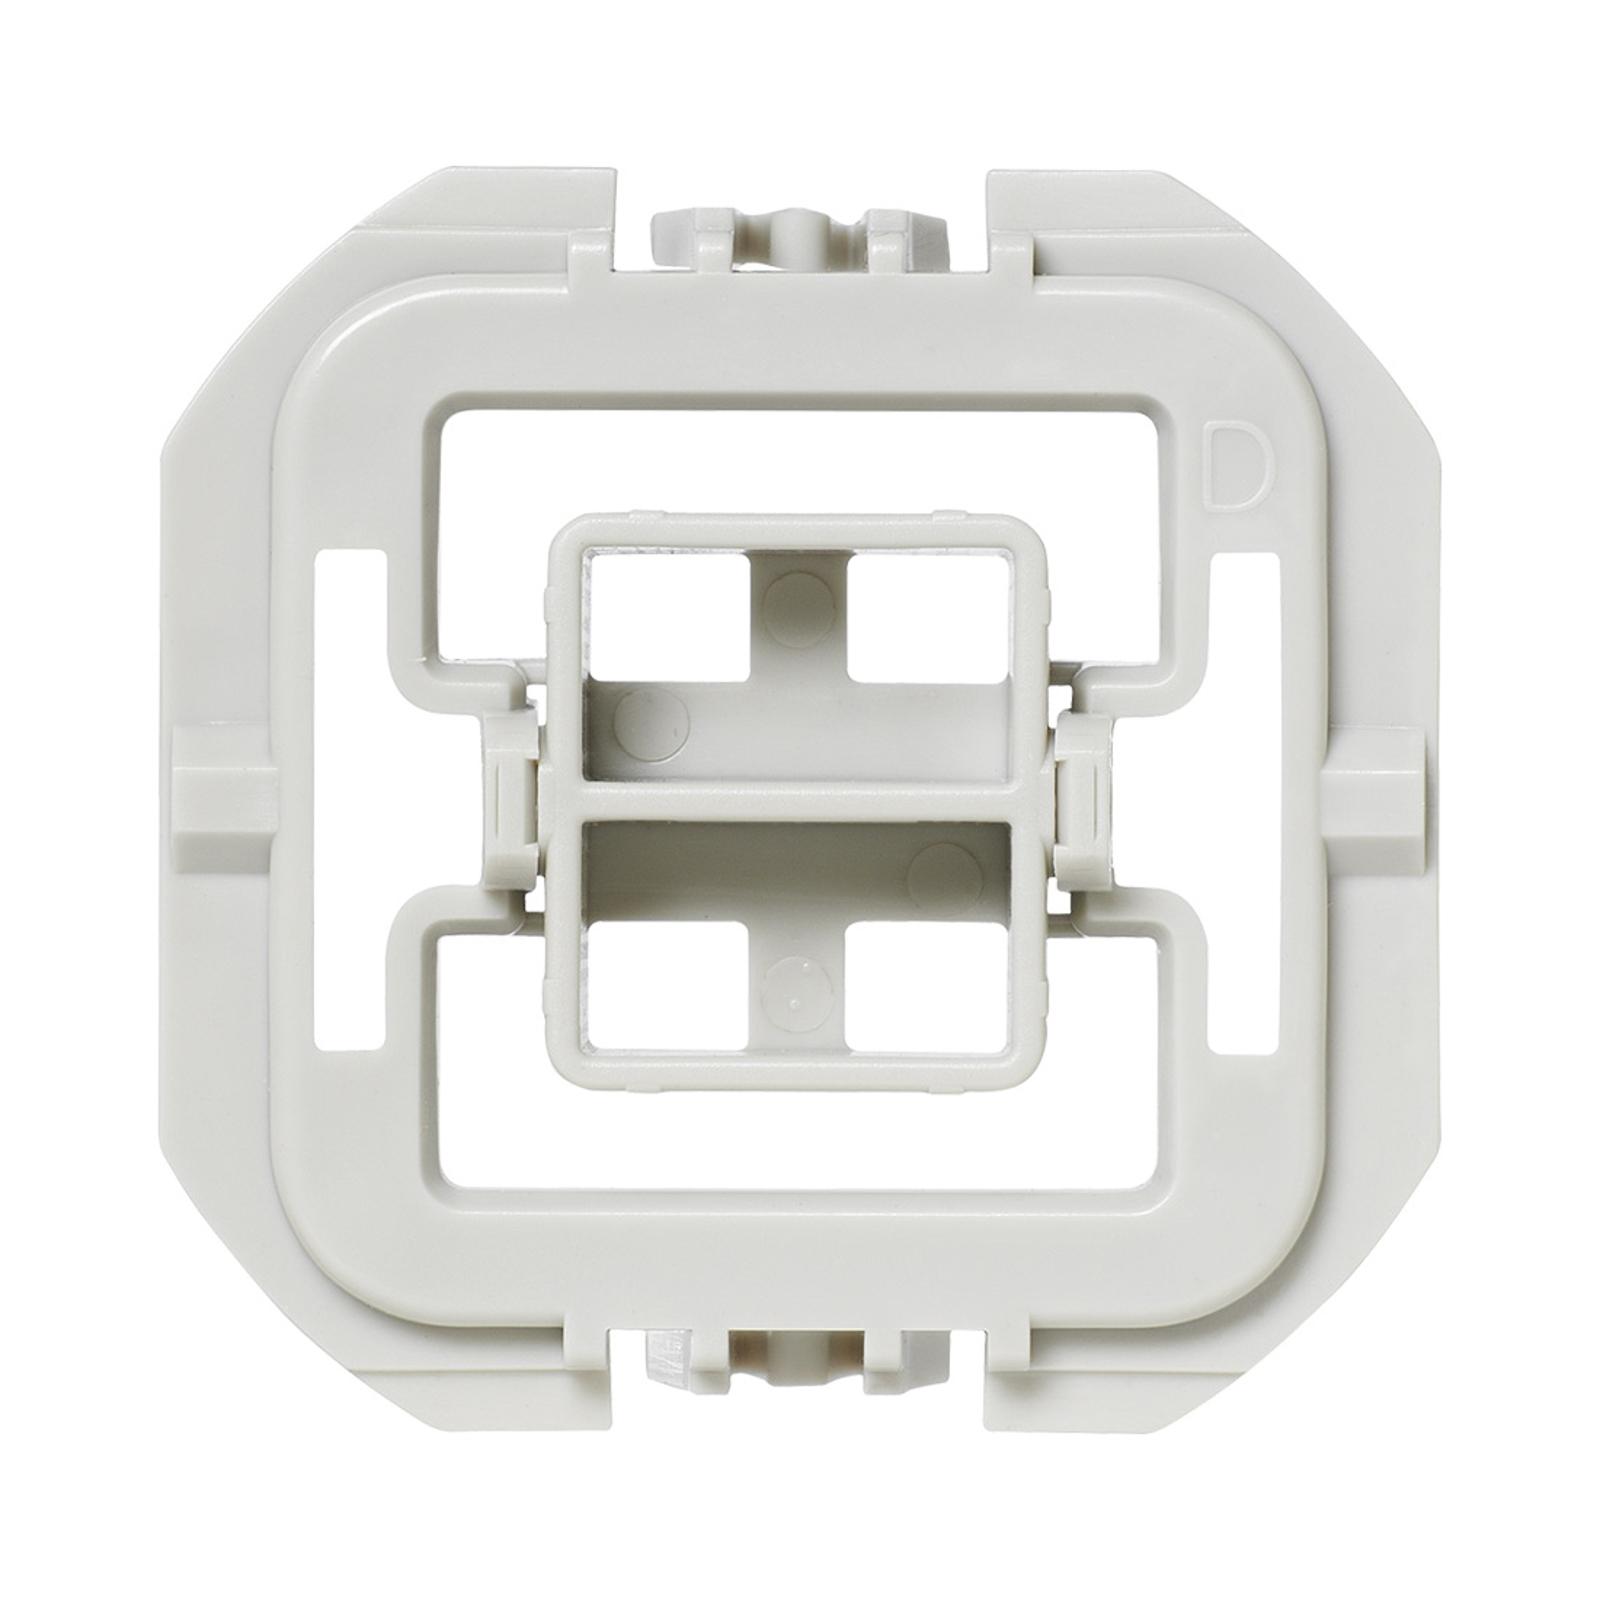 Homematic IP adaptateur pour Düwi/REV Ritter 1x